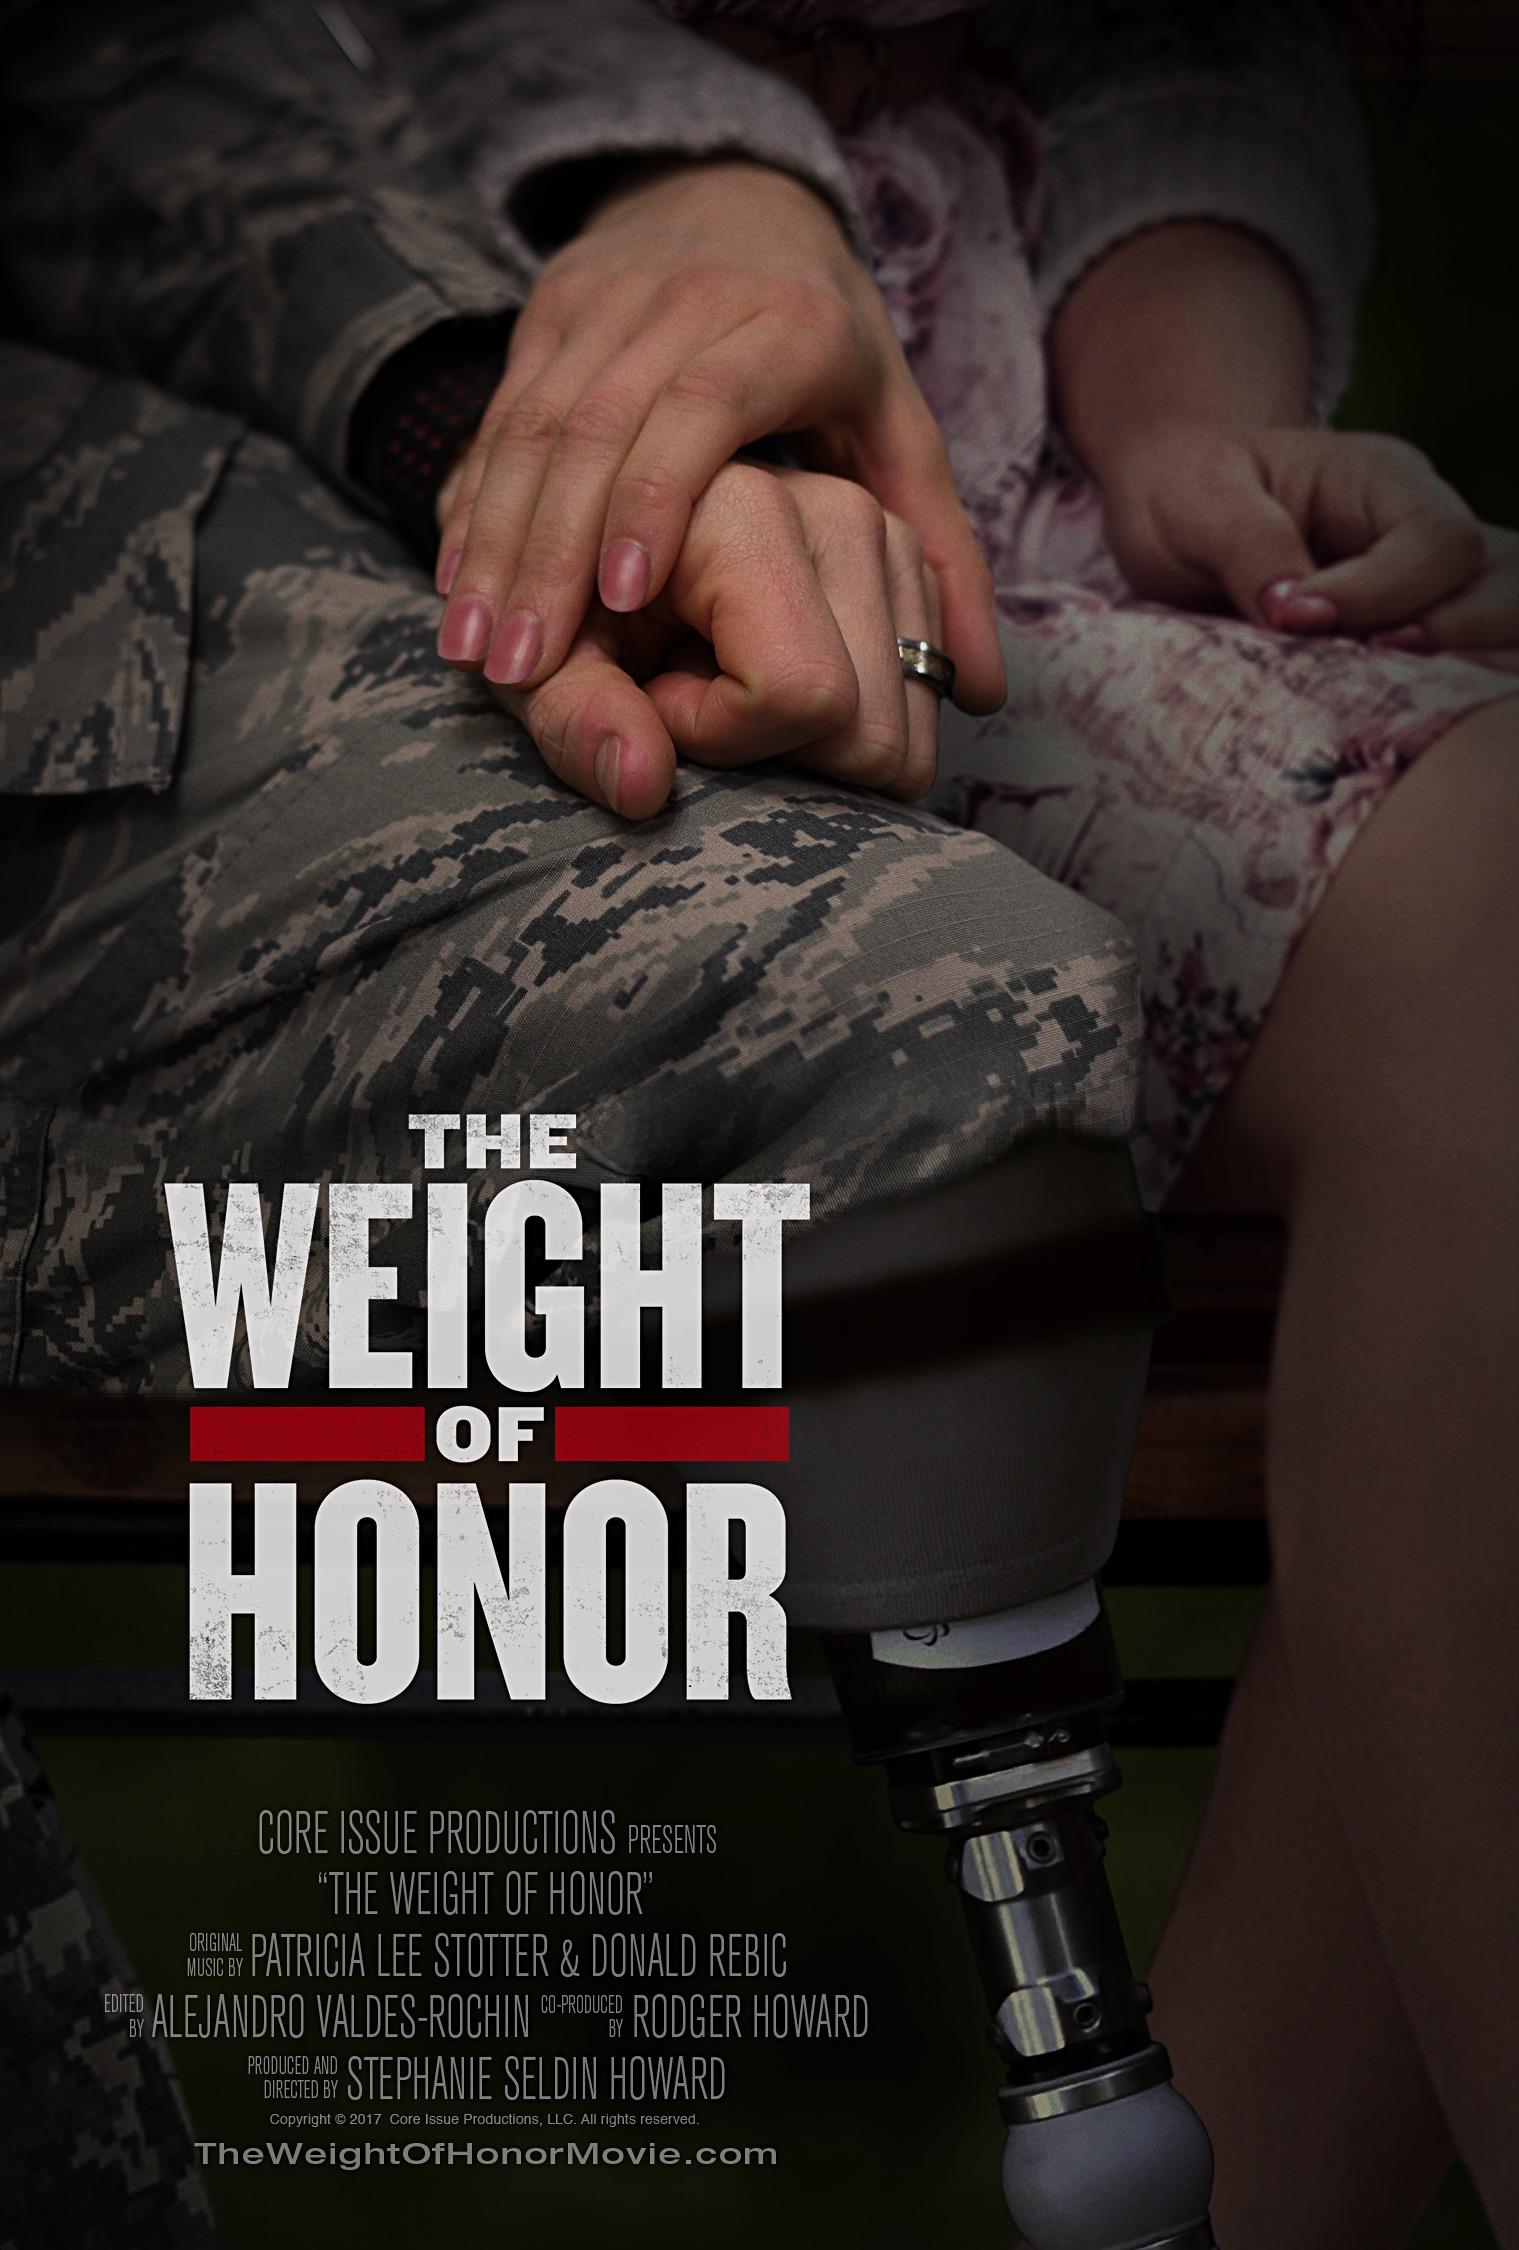 Springfield Missouri Moxie Cinema Weight of Honor Movie Screening